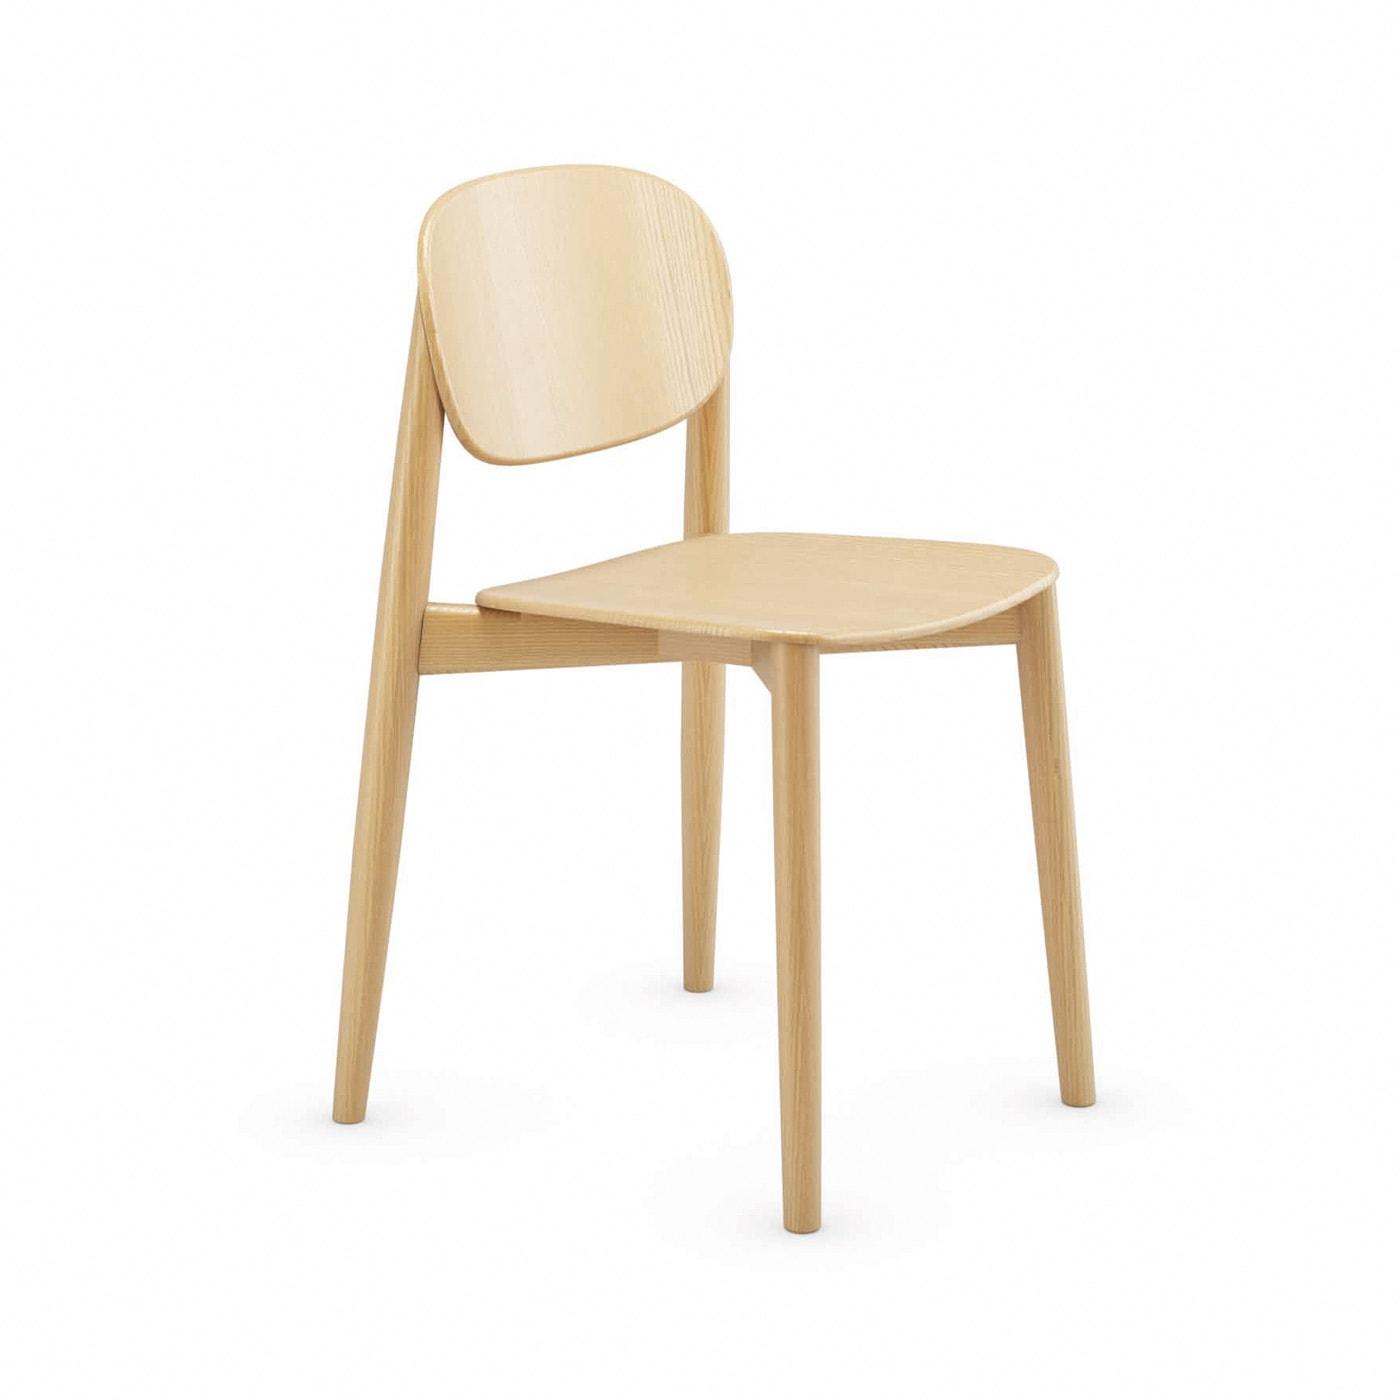 INFINITI Harmo sedia in legno